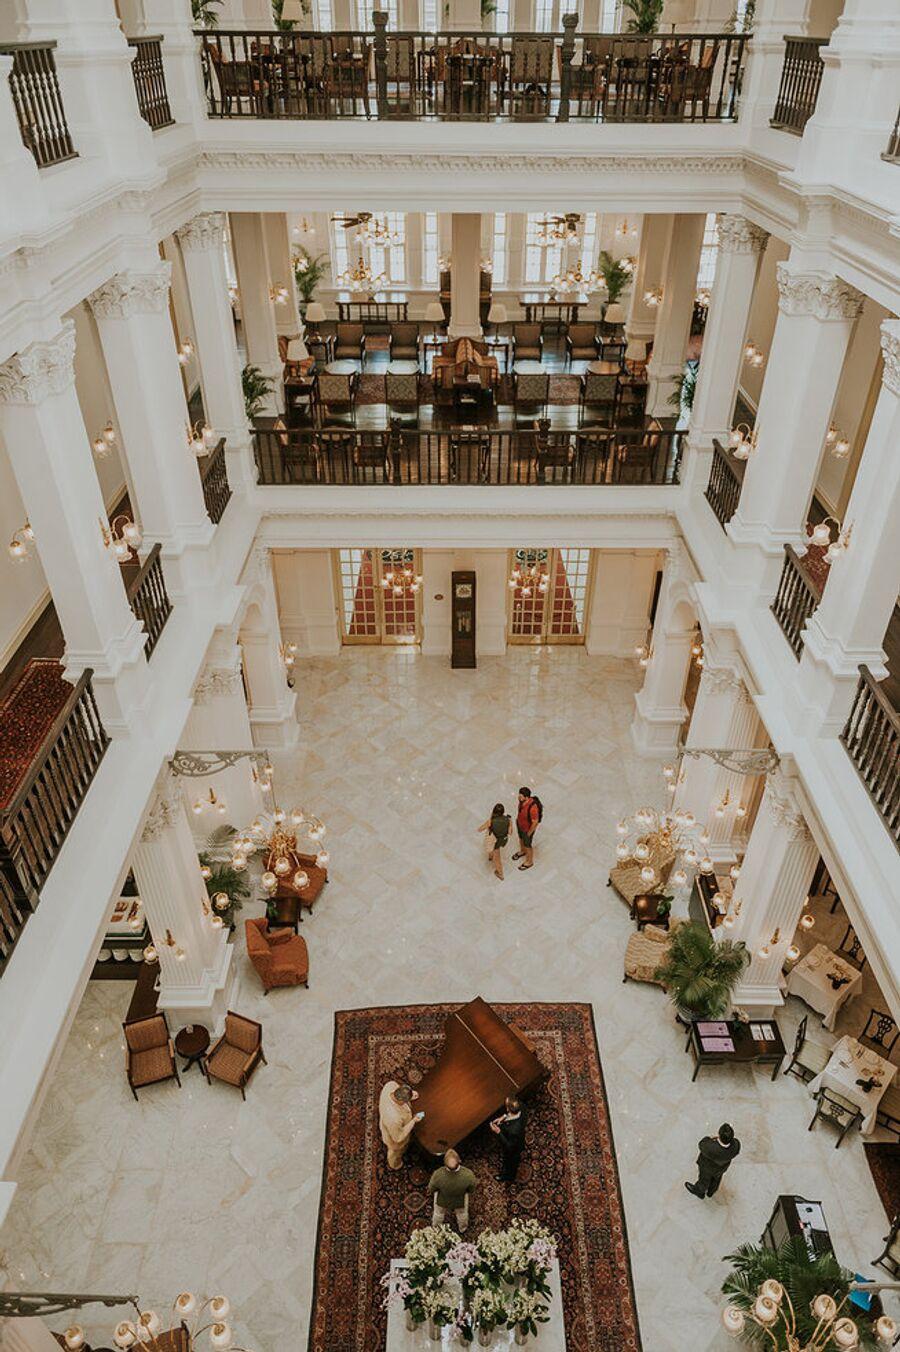 Общественное пространство, отель Raffles Singapore